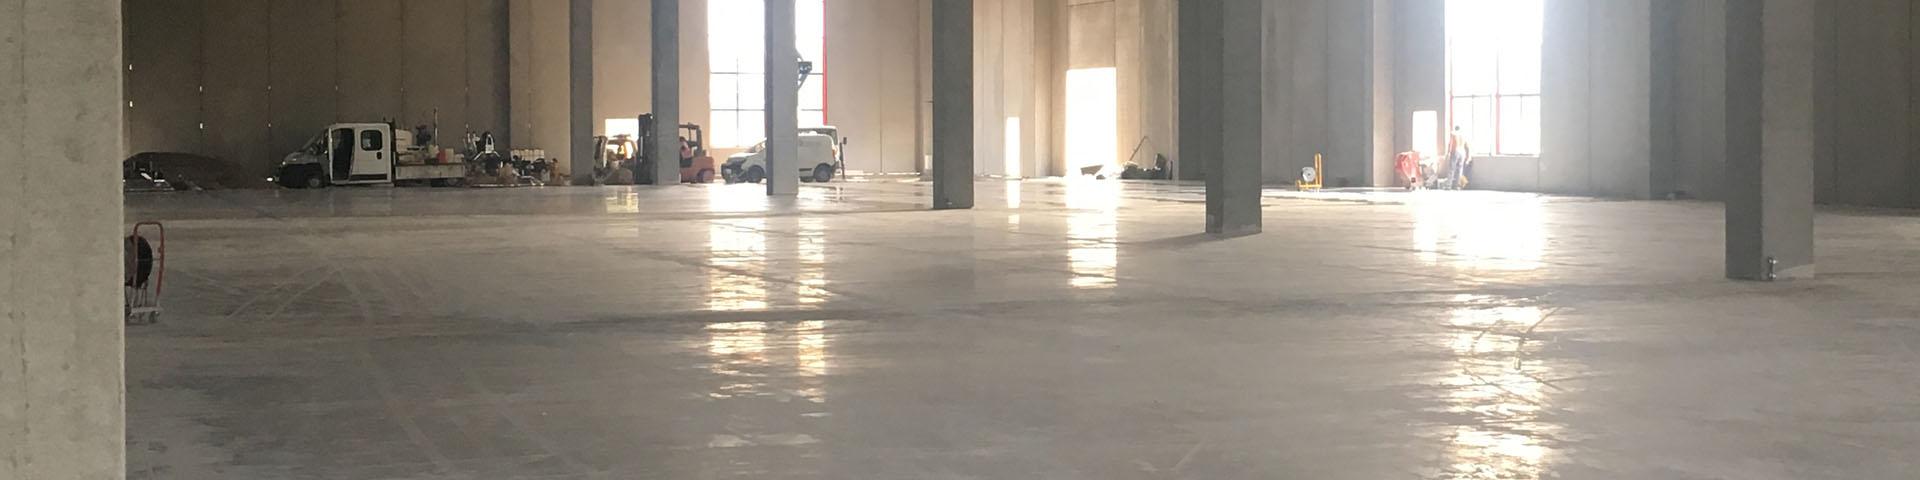 Testata_pavimento_industriale_tradizionale